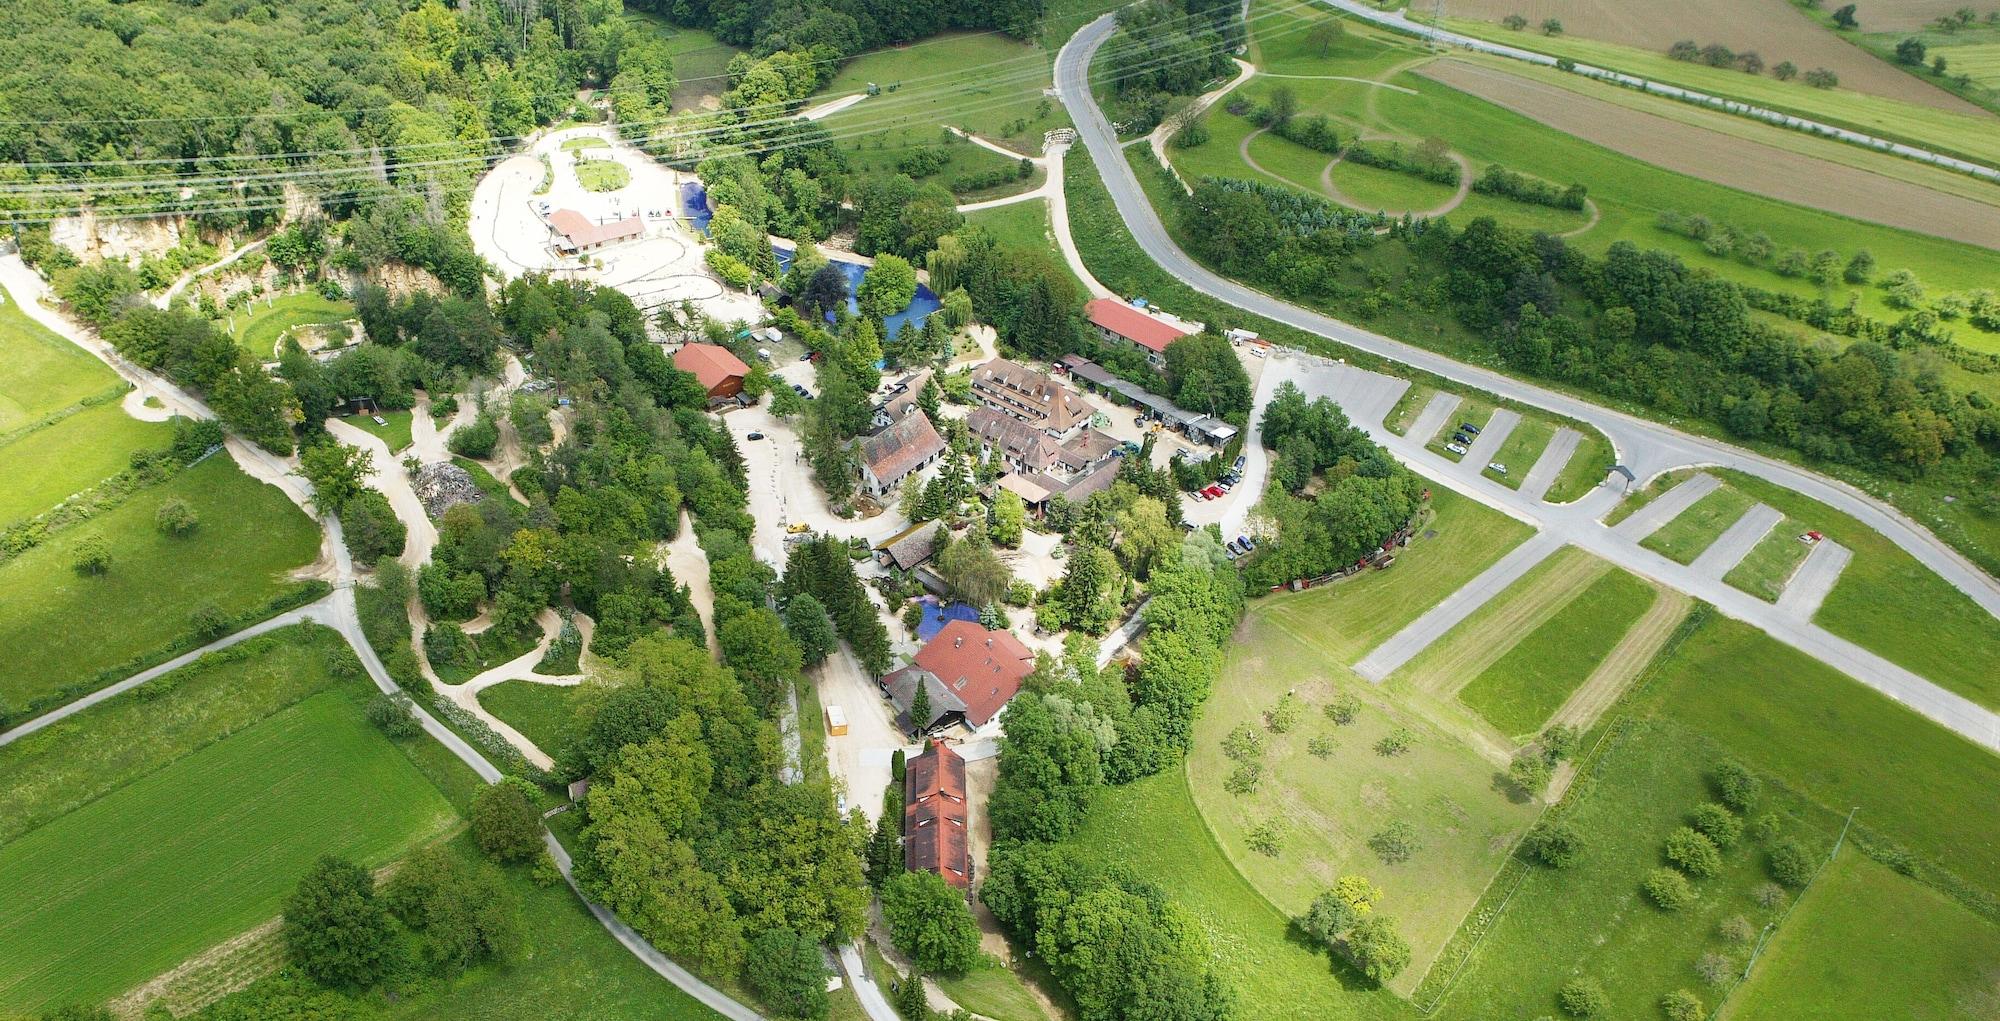 Hotel Lochmühle, Konstanz